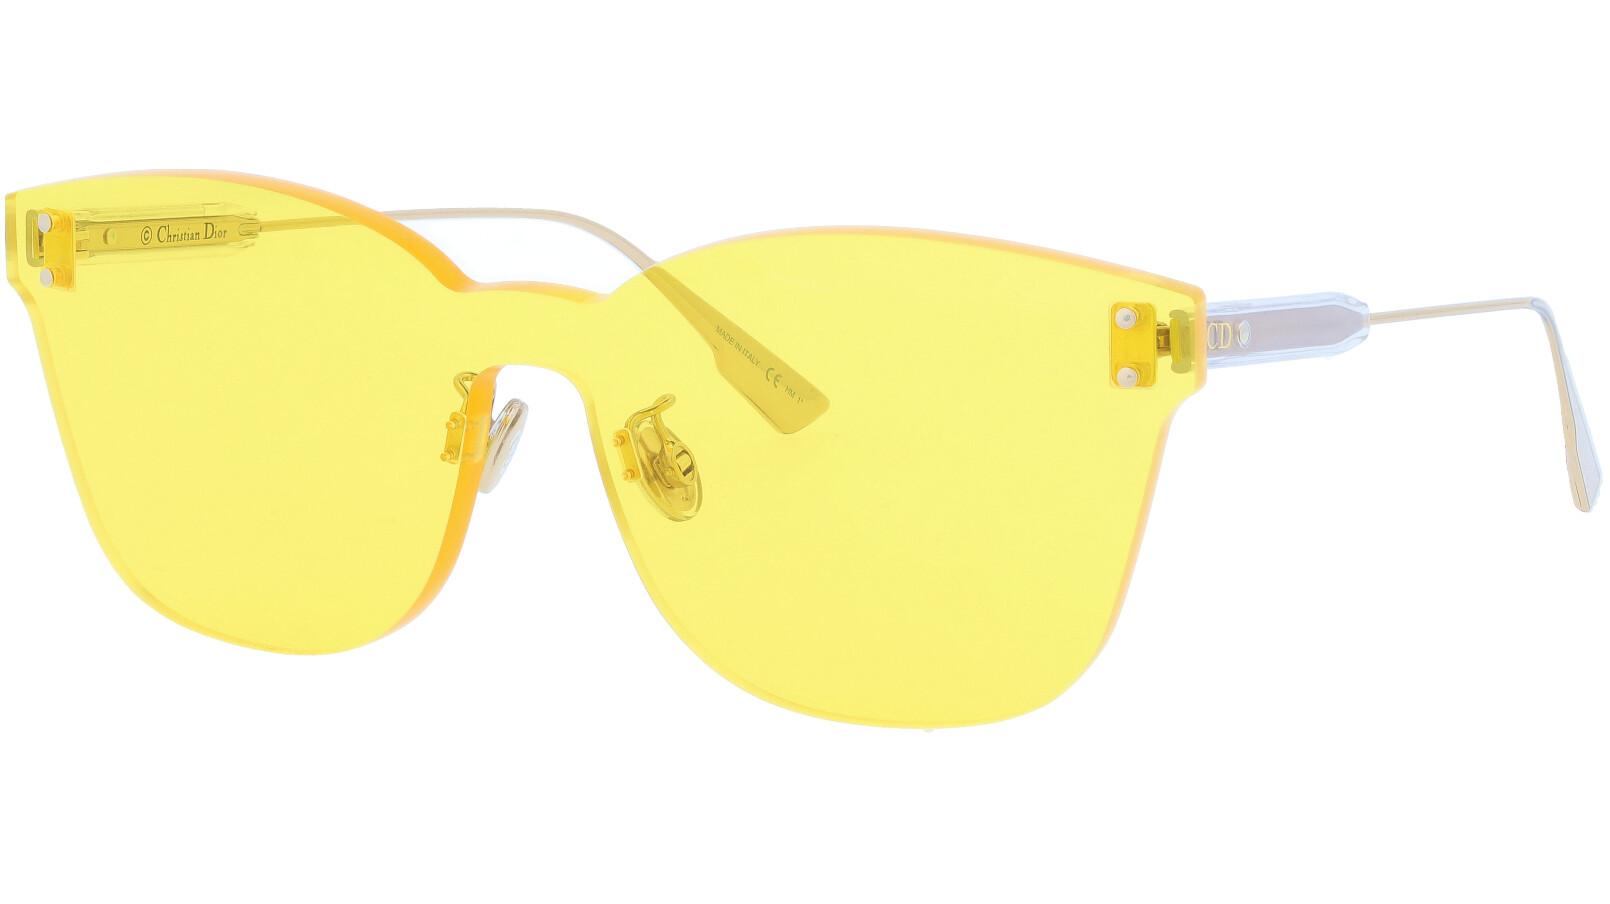 DIOR DIORCOLORQUAKE2 MU1U1 99 FUCHSIA Sunglasses